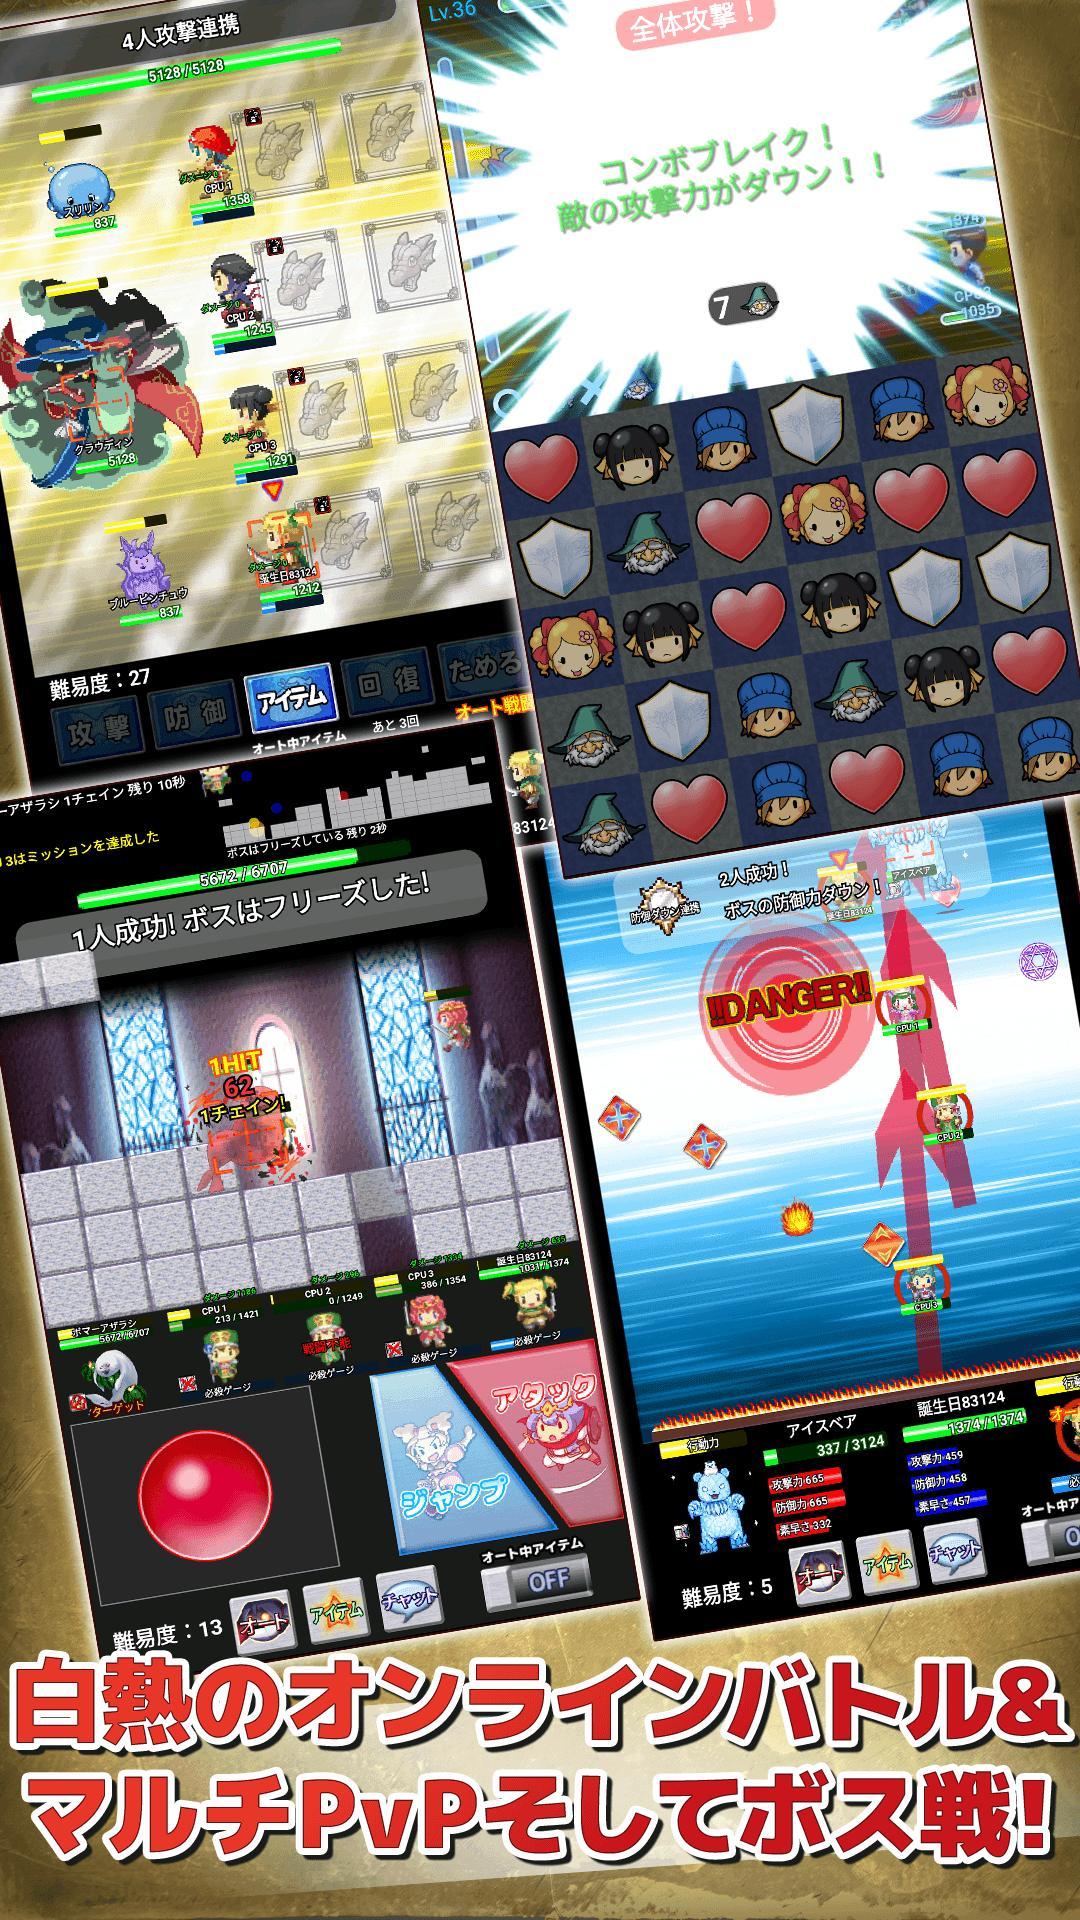 お小遣い×RPG☆RPGゲームでお小遣い稼ぎ!ポイント稼げるアプリ【Card RPG】 5.7.6 Screenshot 16